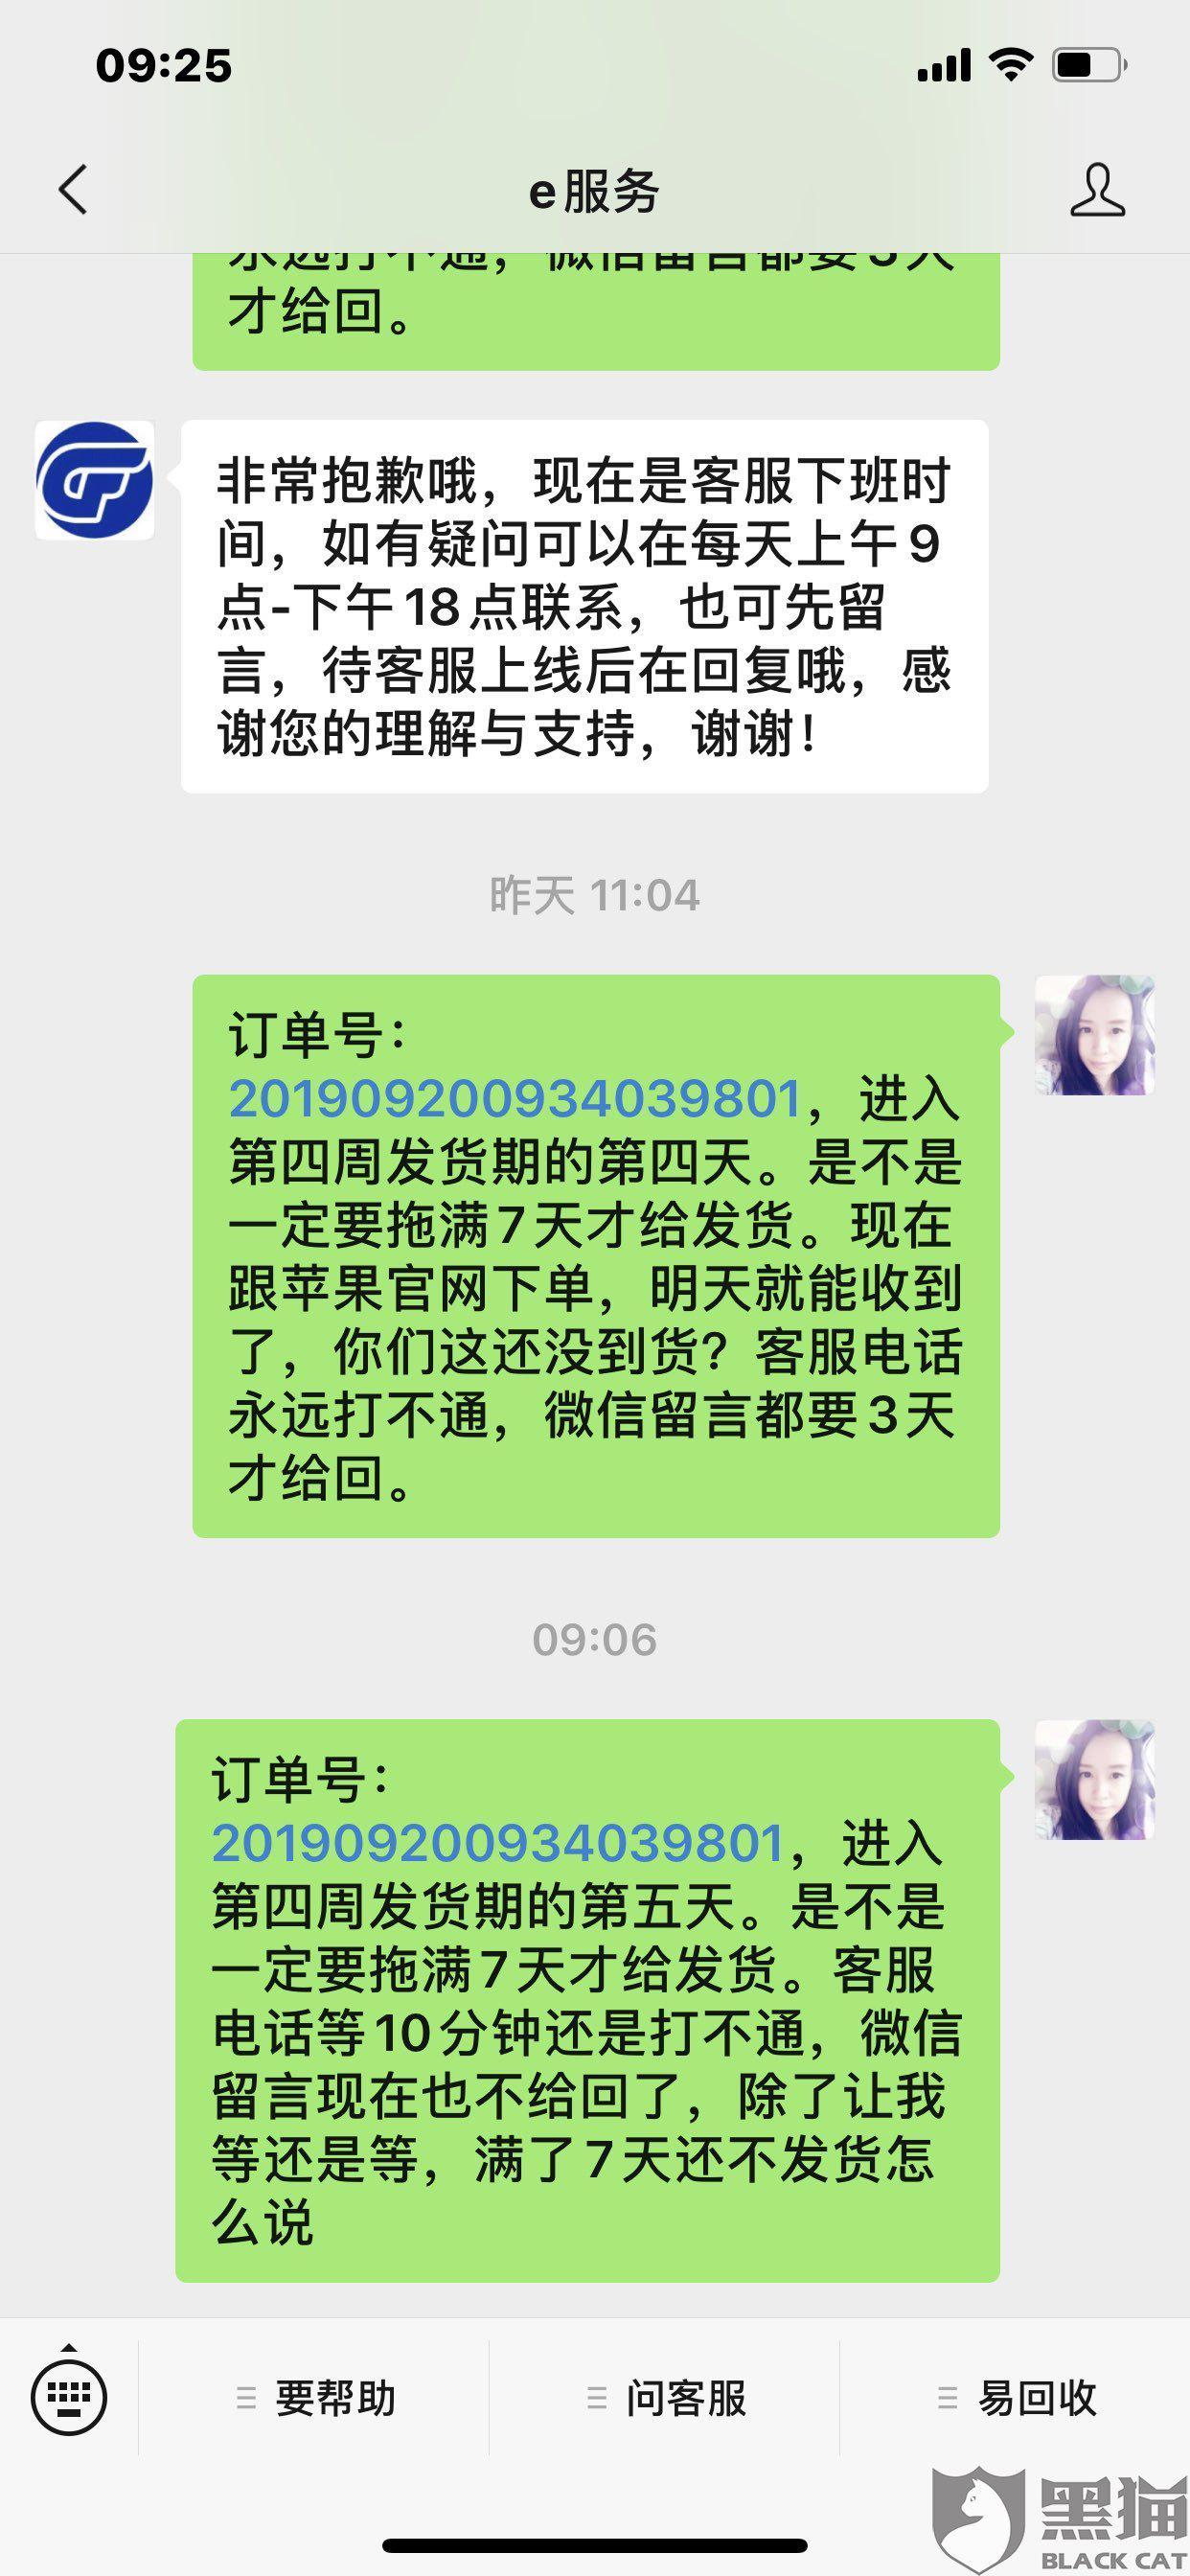 黑猫投诉:广发银行9月20号下单买的苹果手机,高飞易发货,承诺1-4周内发货现在还没发